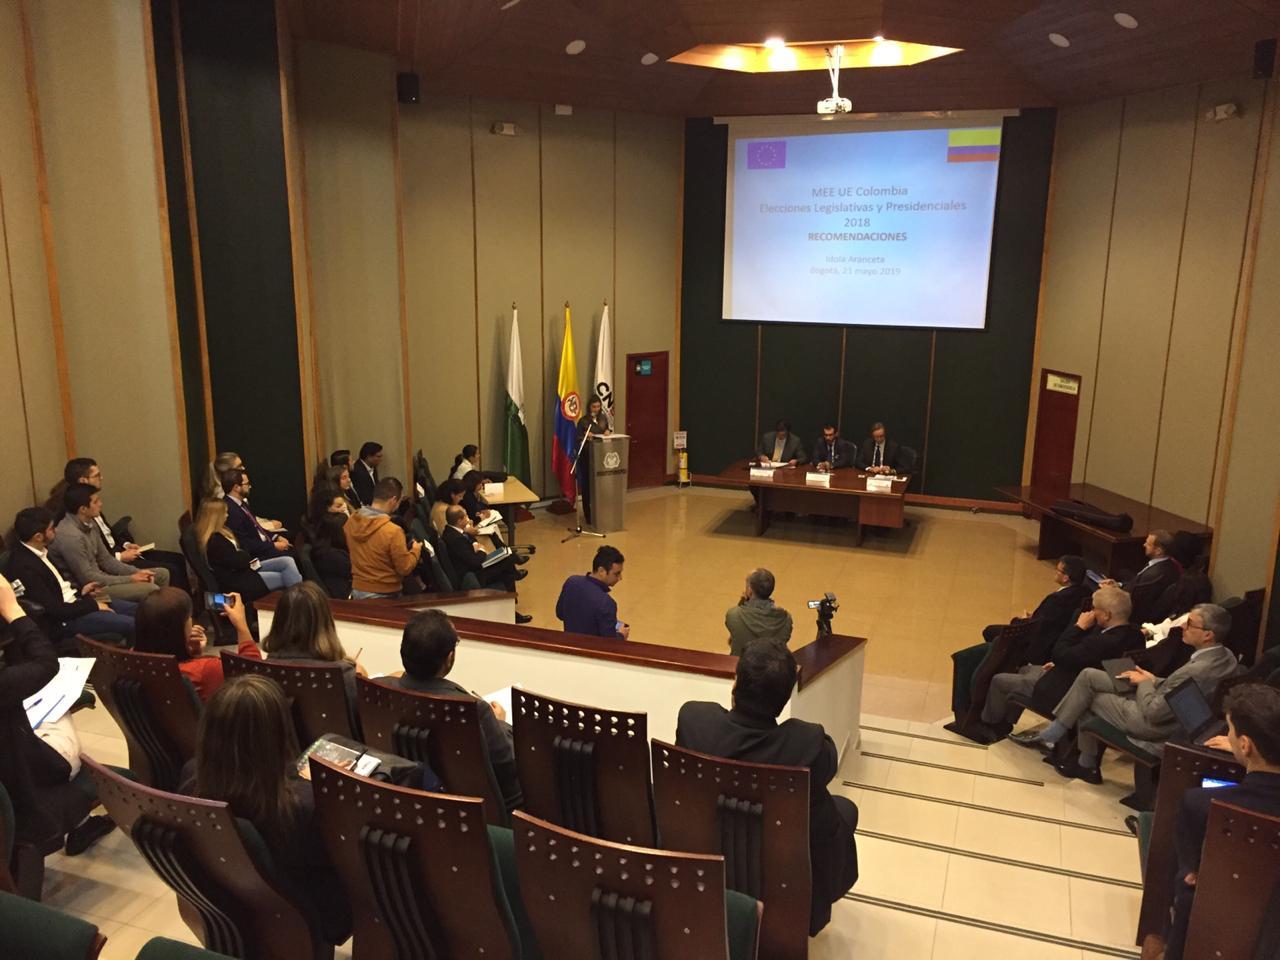 La Unión Europea presentó recomendaciones al sistema electoral colombiano